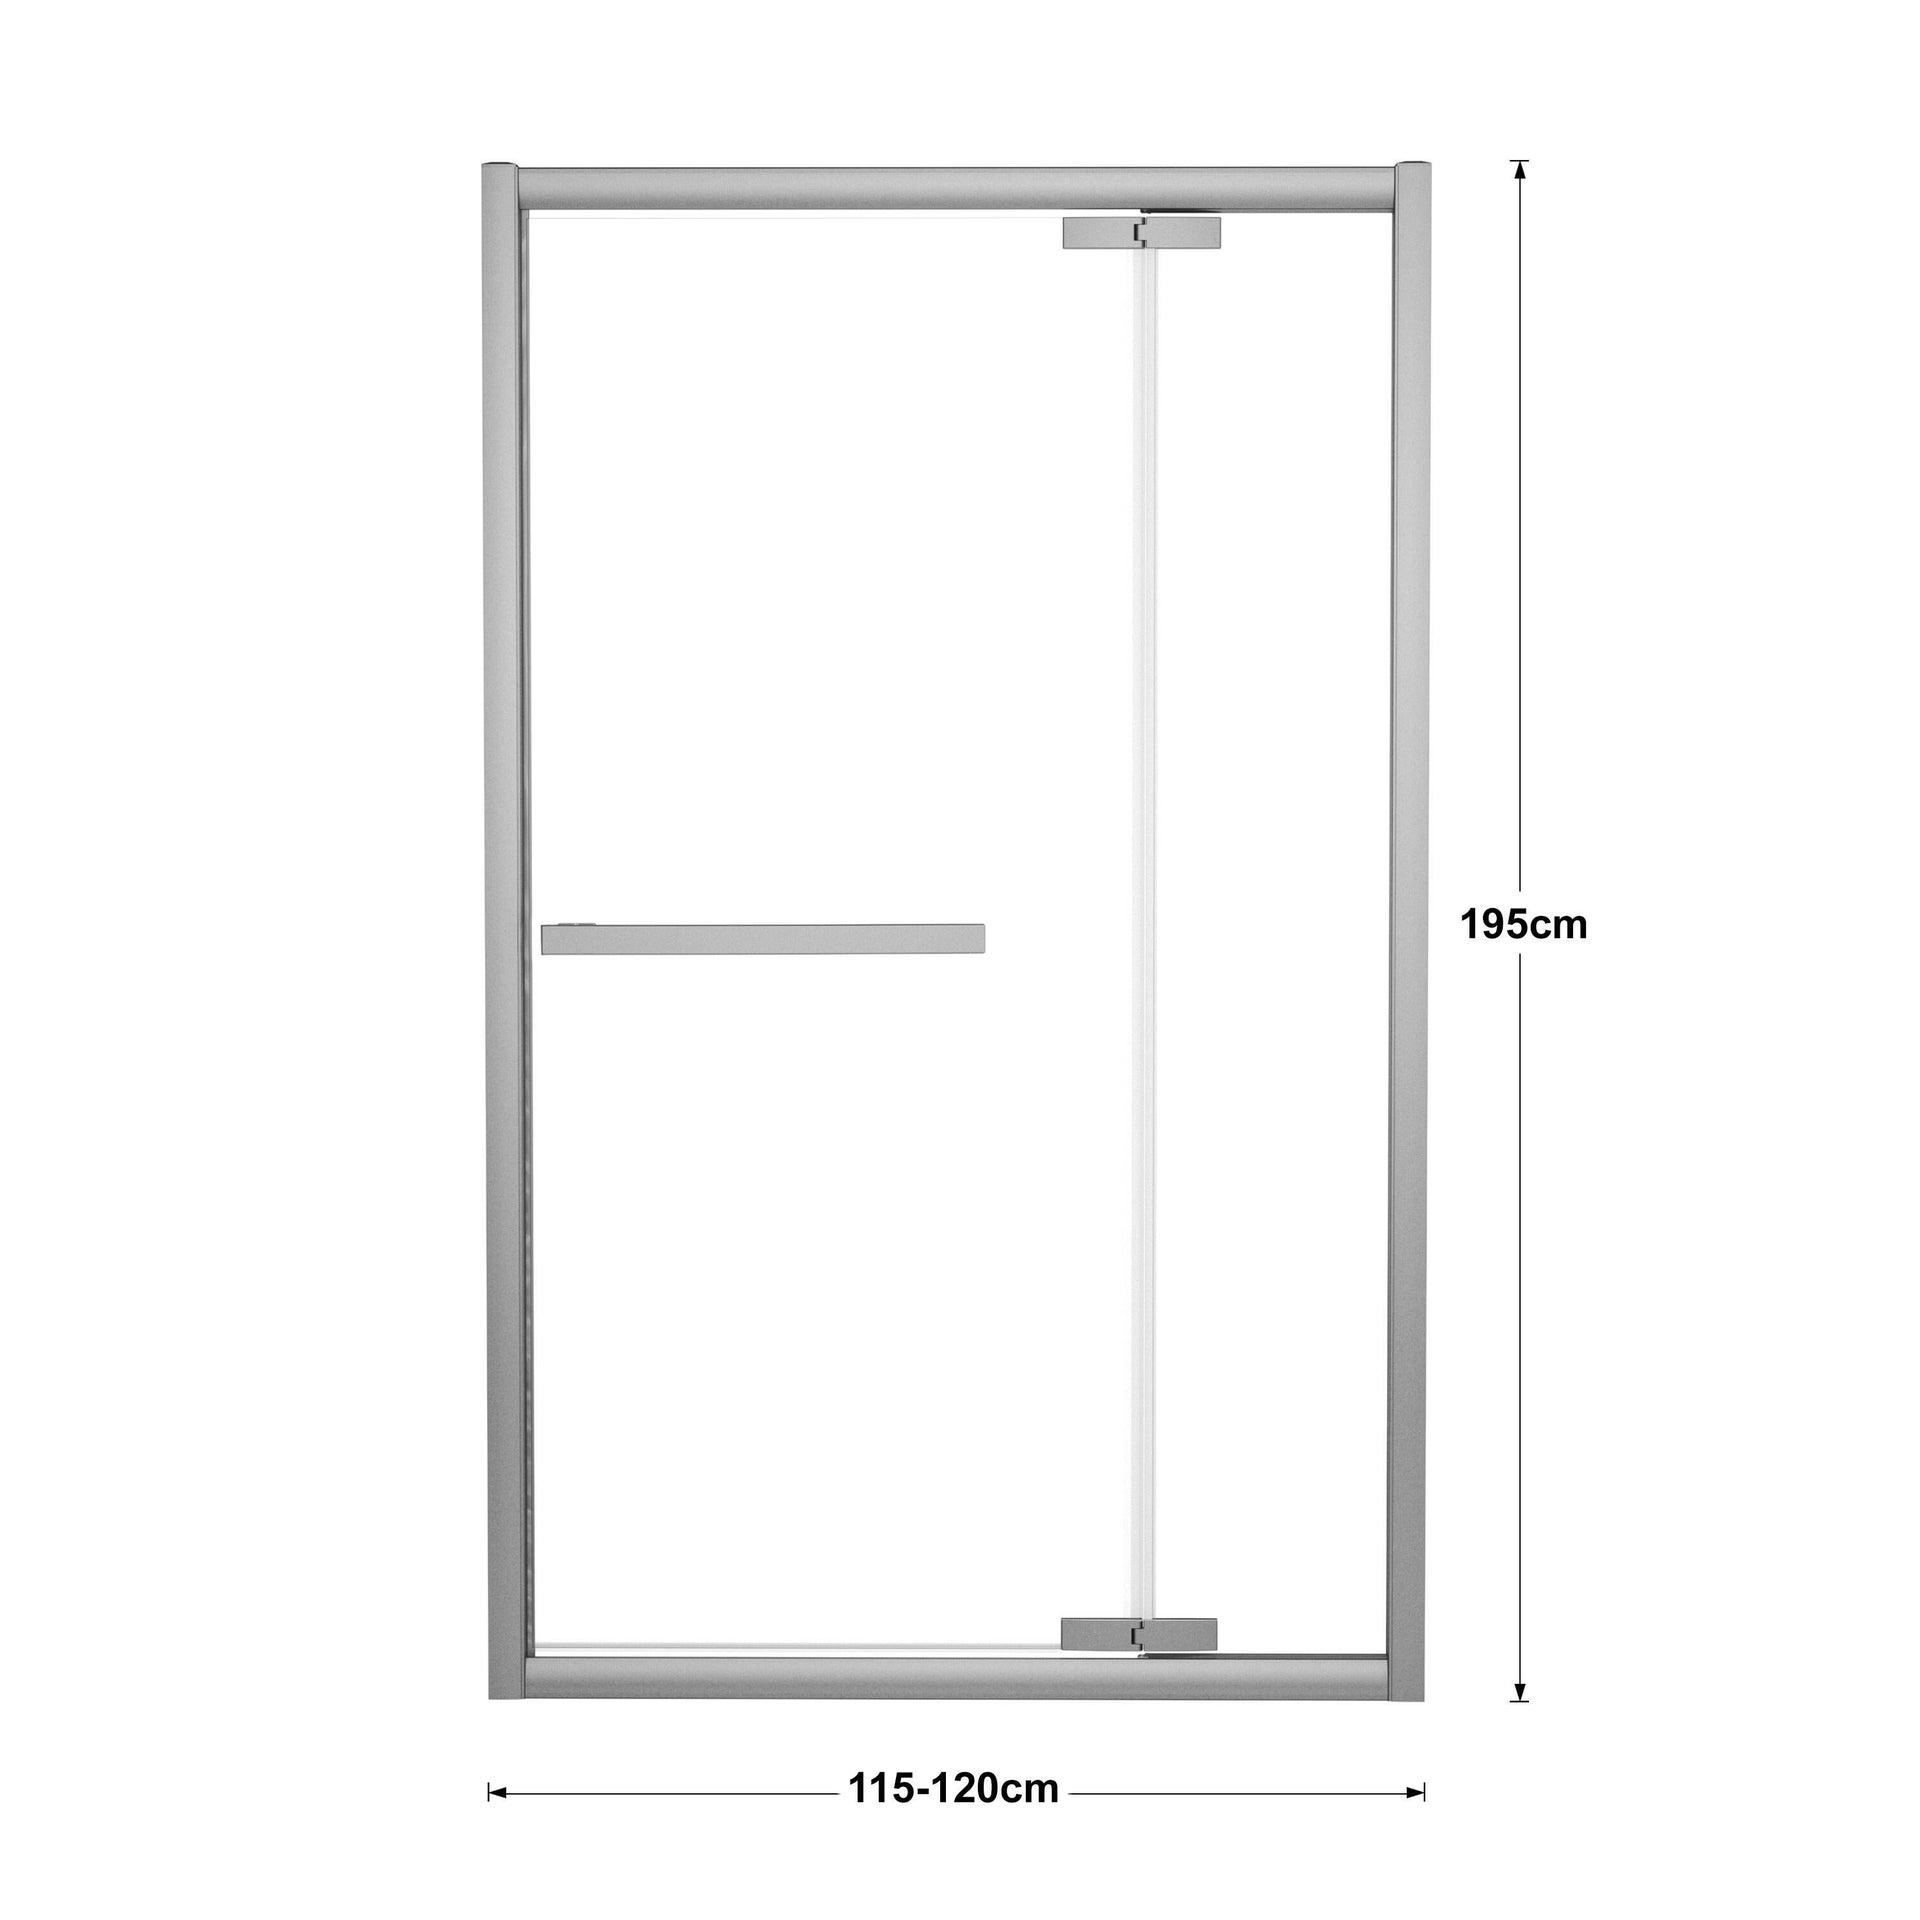 Porta doccia battente Namara 120 cm, H 195 cm in vetro temprato, spessore 8 mm trasparente silver - 3